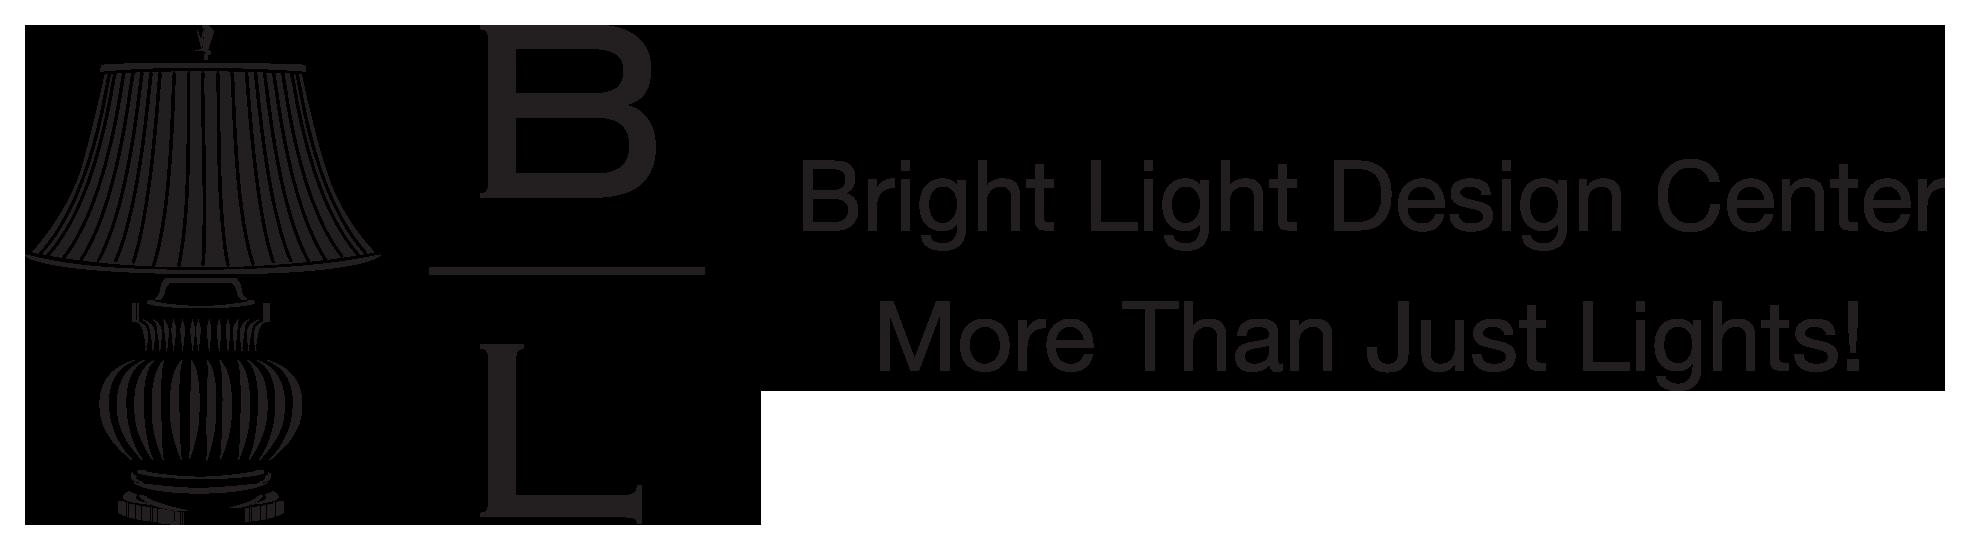 2012 chandelier 6 light hayvenhurst rww4 bright light for Bright lights design center